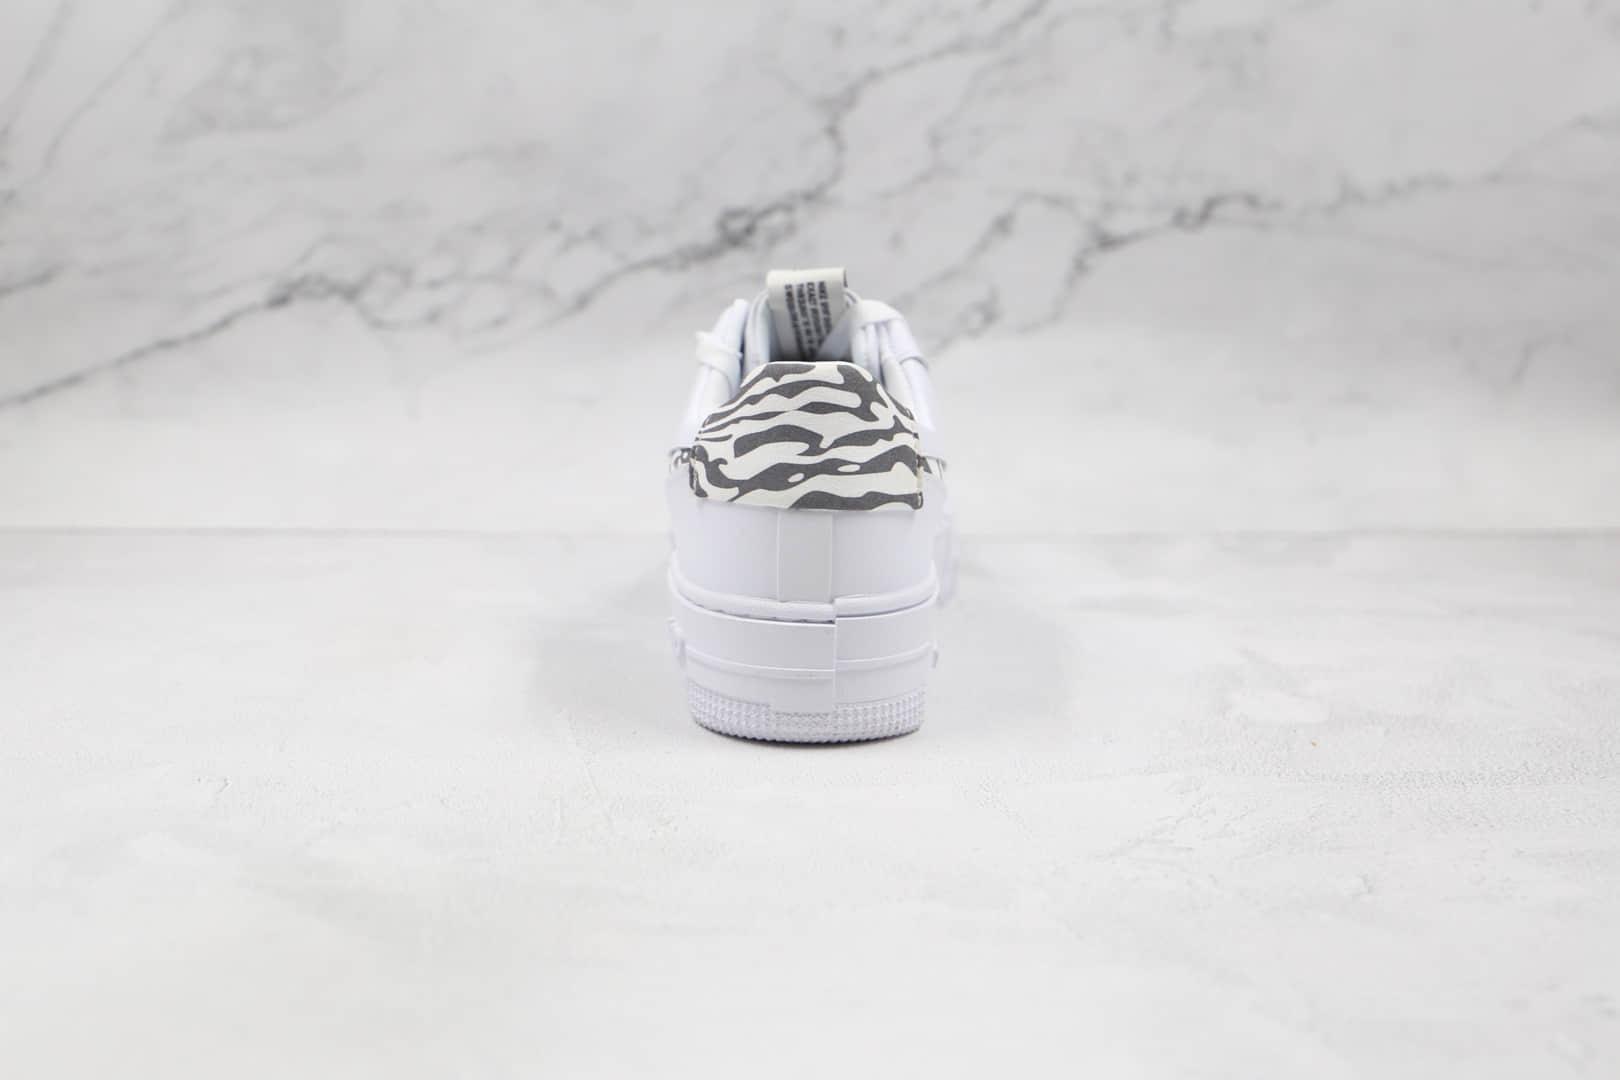 耐克Nike AIR FMRCE 1纯原版本低帮空军一号白色斑马纹解构板鞋原盒原标 货号:DH9632-100